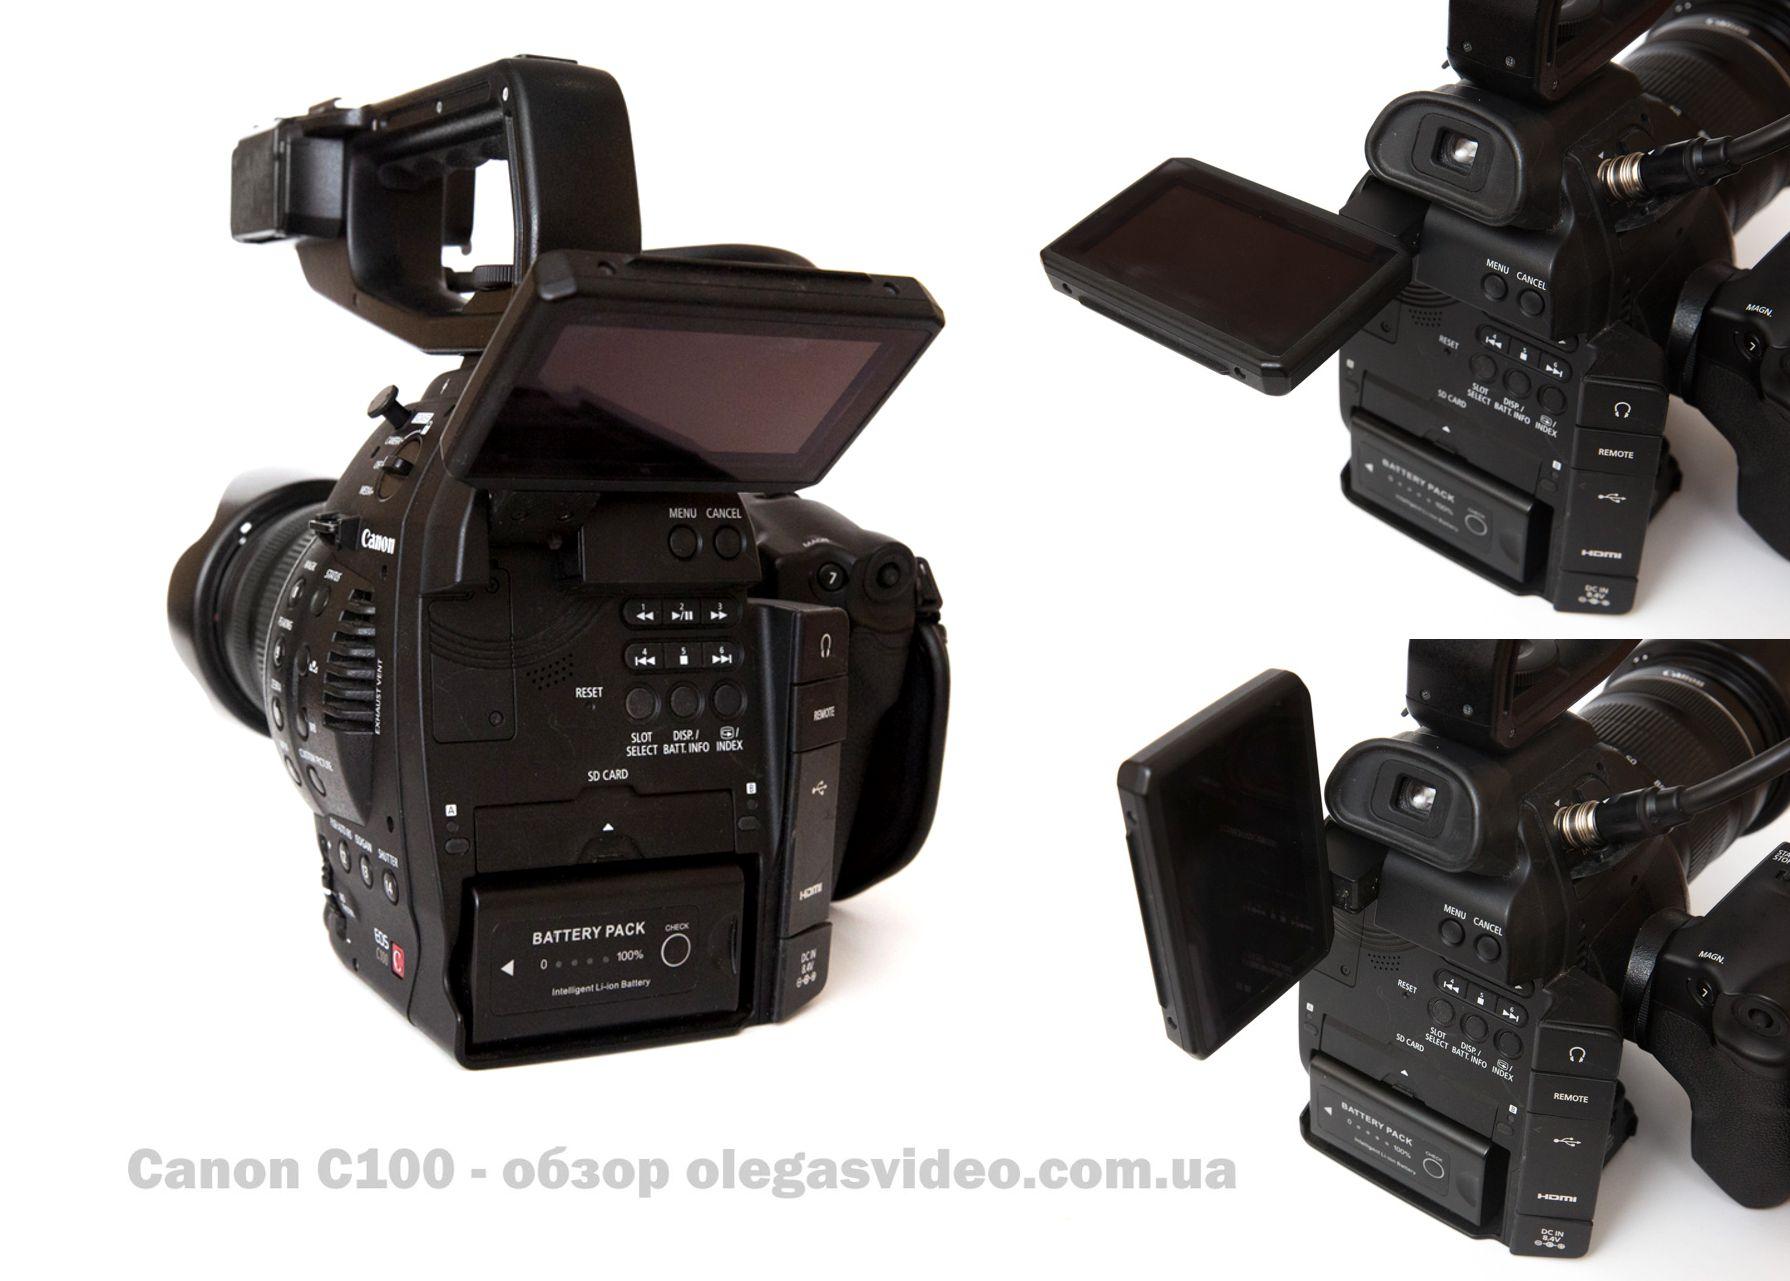 поворотный экранчик canon c100